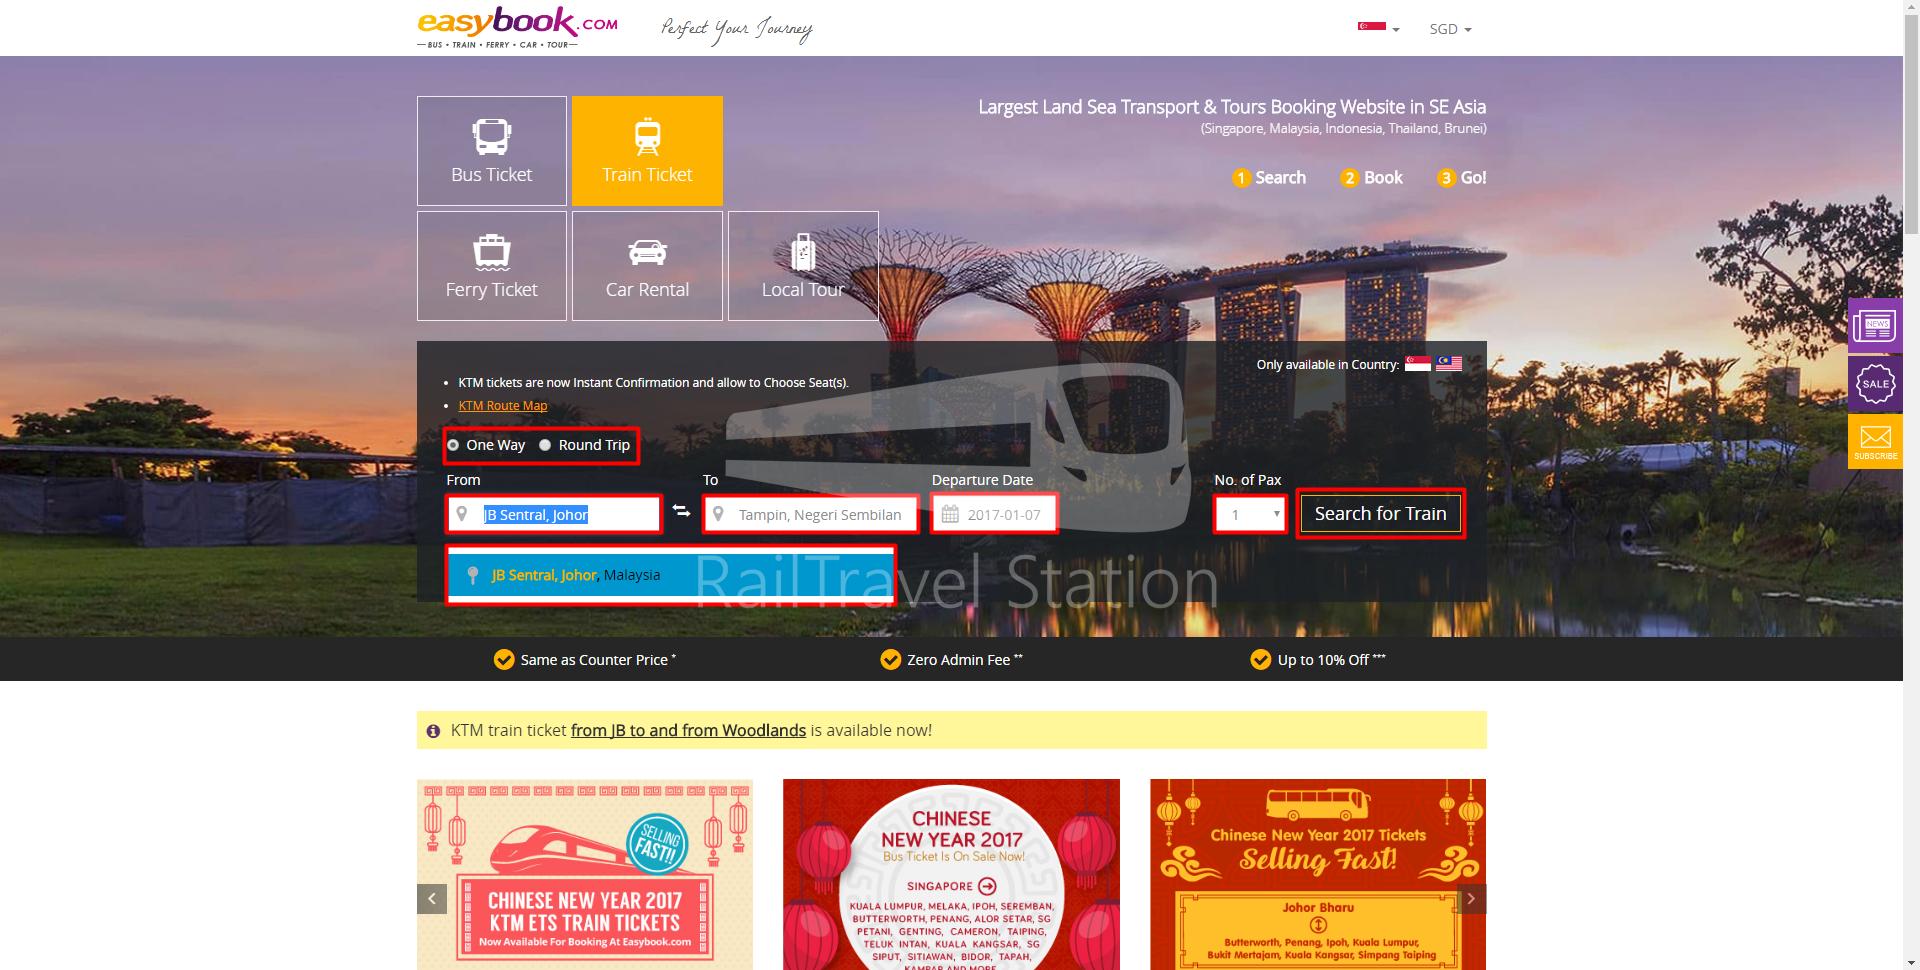 how to buy ets ticket online